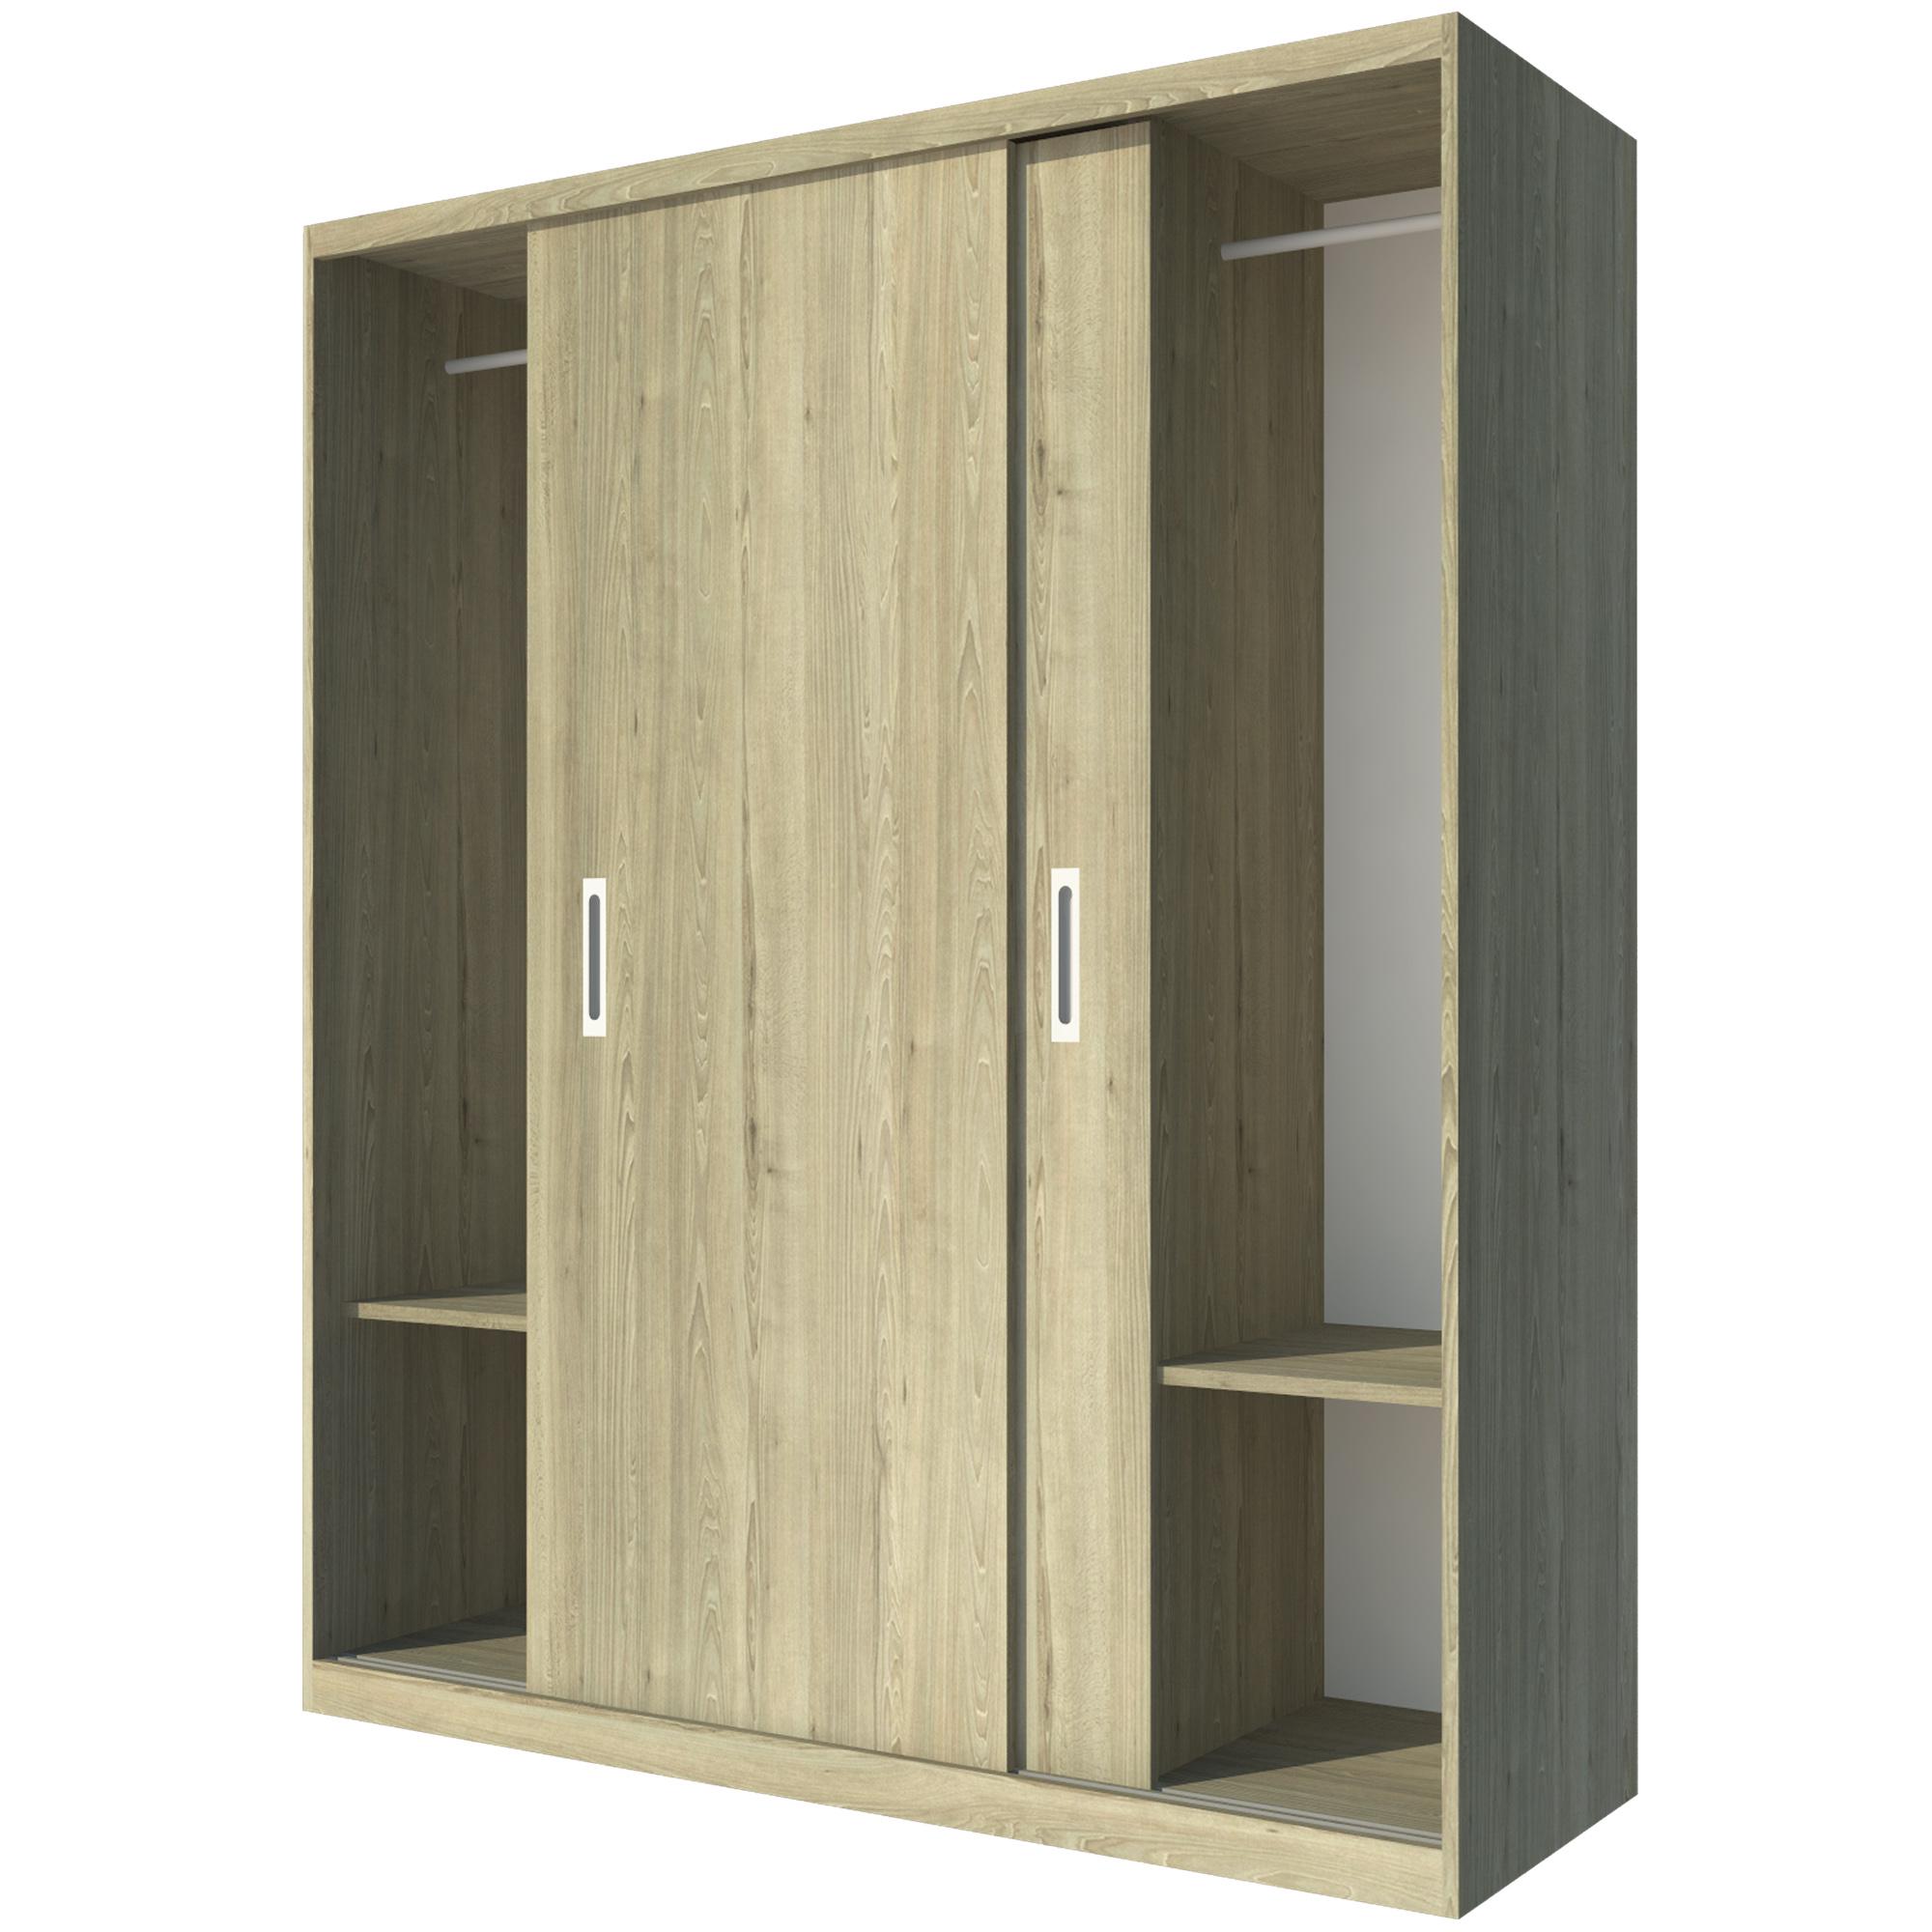 Tủ Cửa Lùa FT097 (160cm x 200cm)